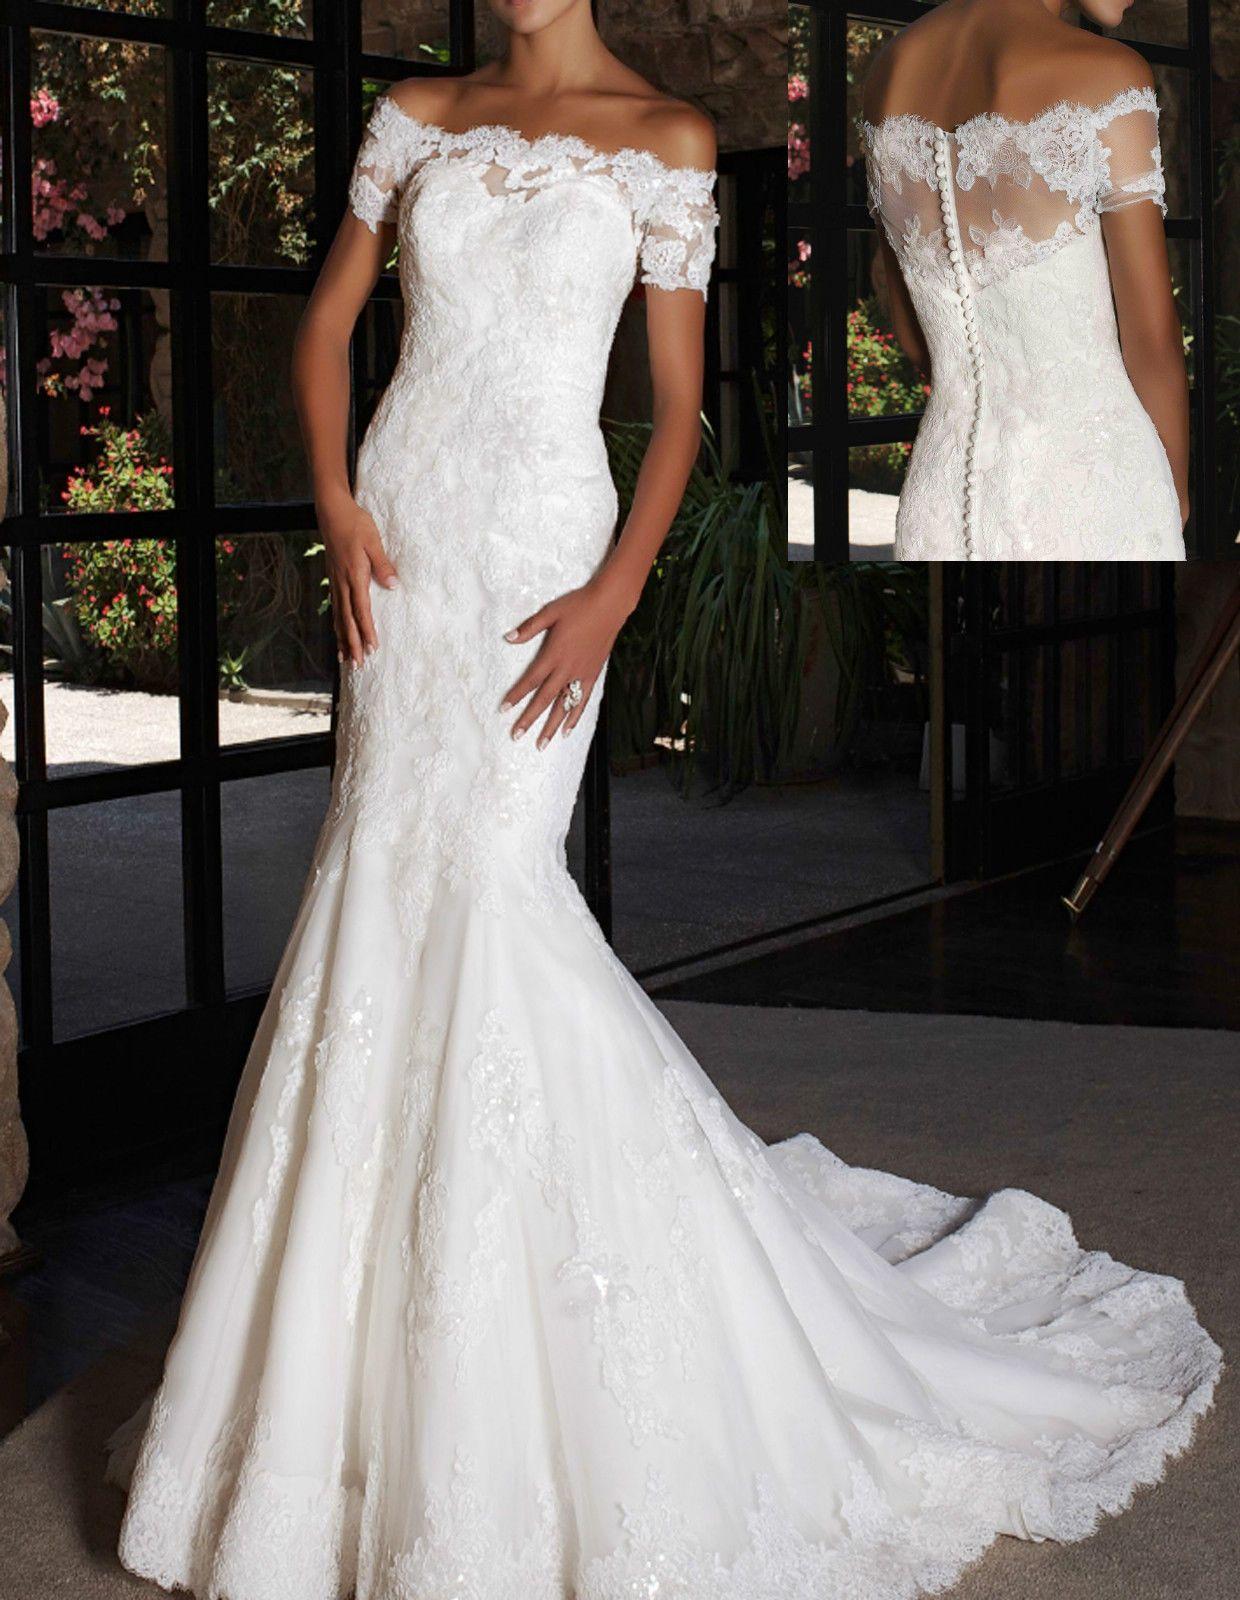 8356bfe0e6 Elegant Off-the-Shoulder White Lace Short Sleeve Mermaid Wedding Dress  Custom